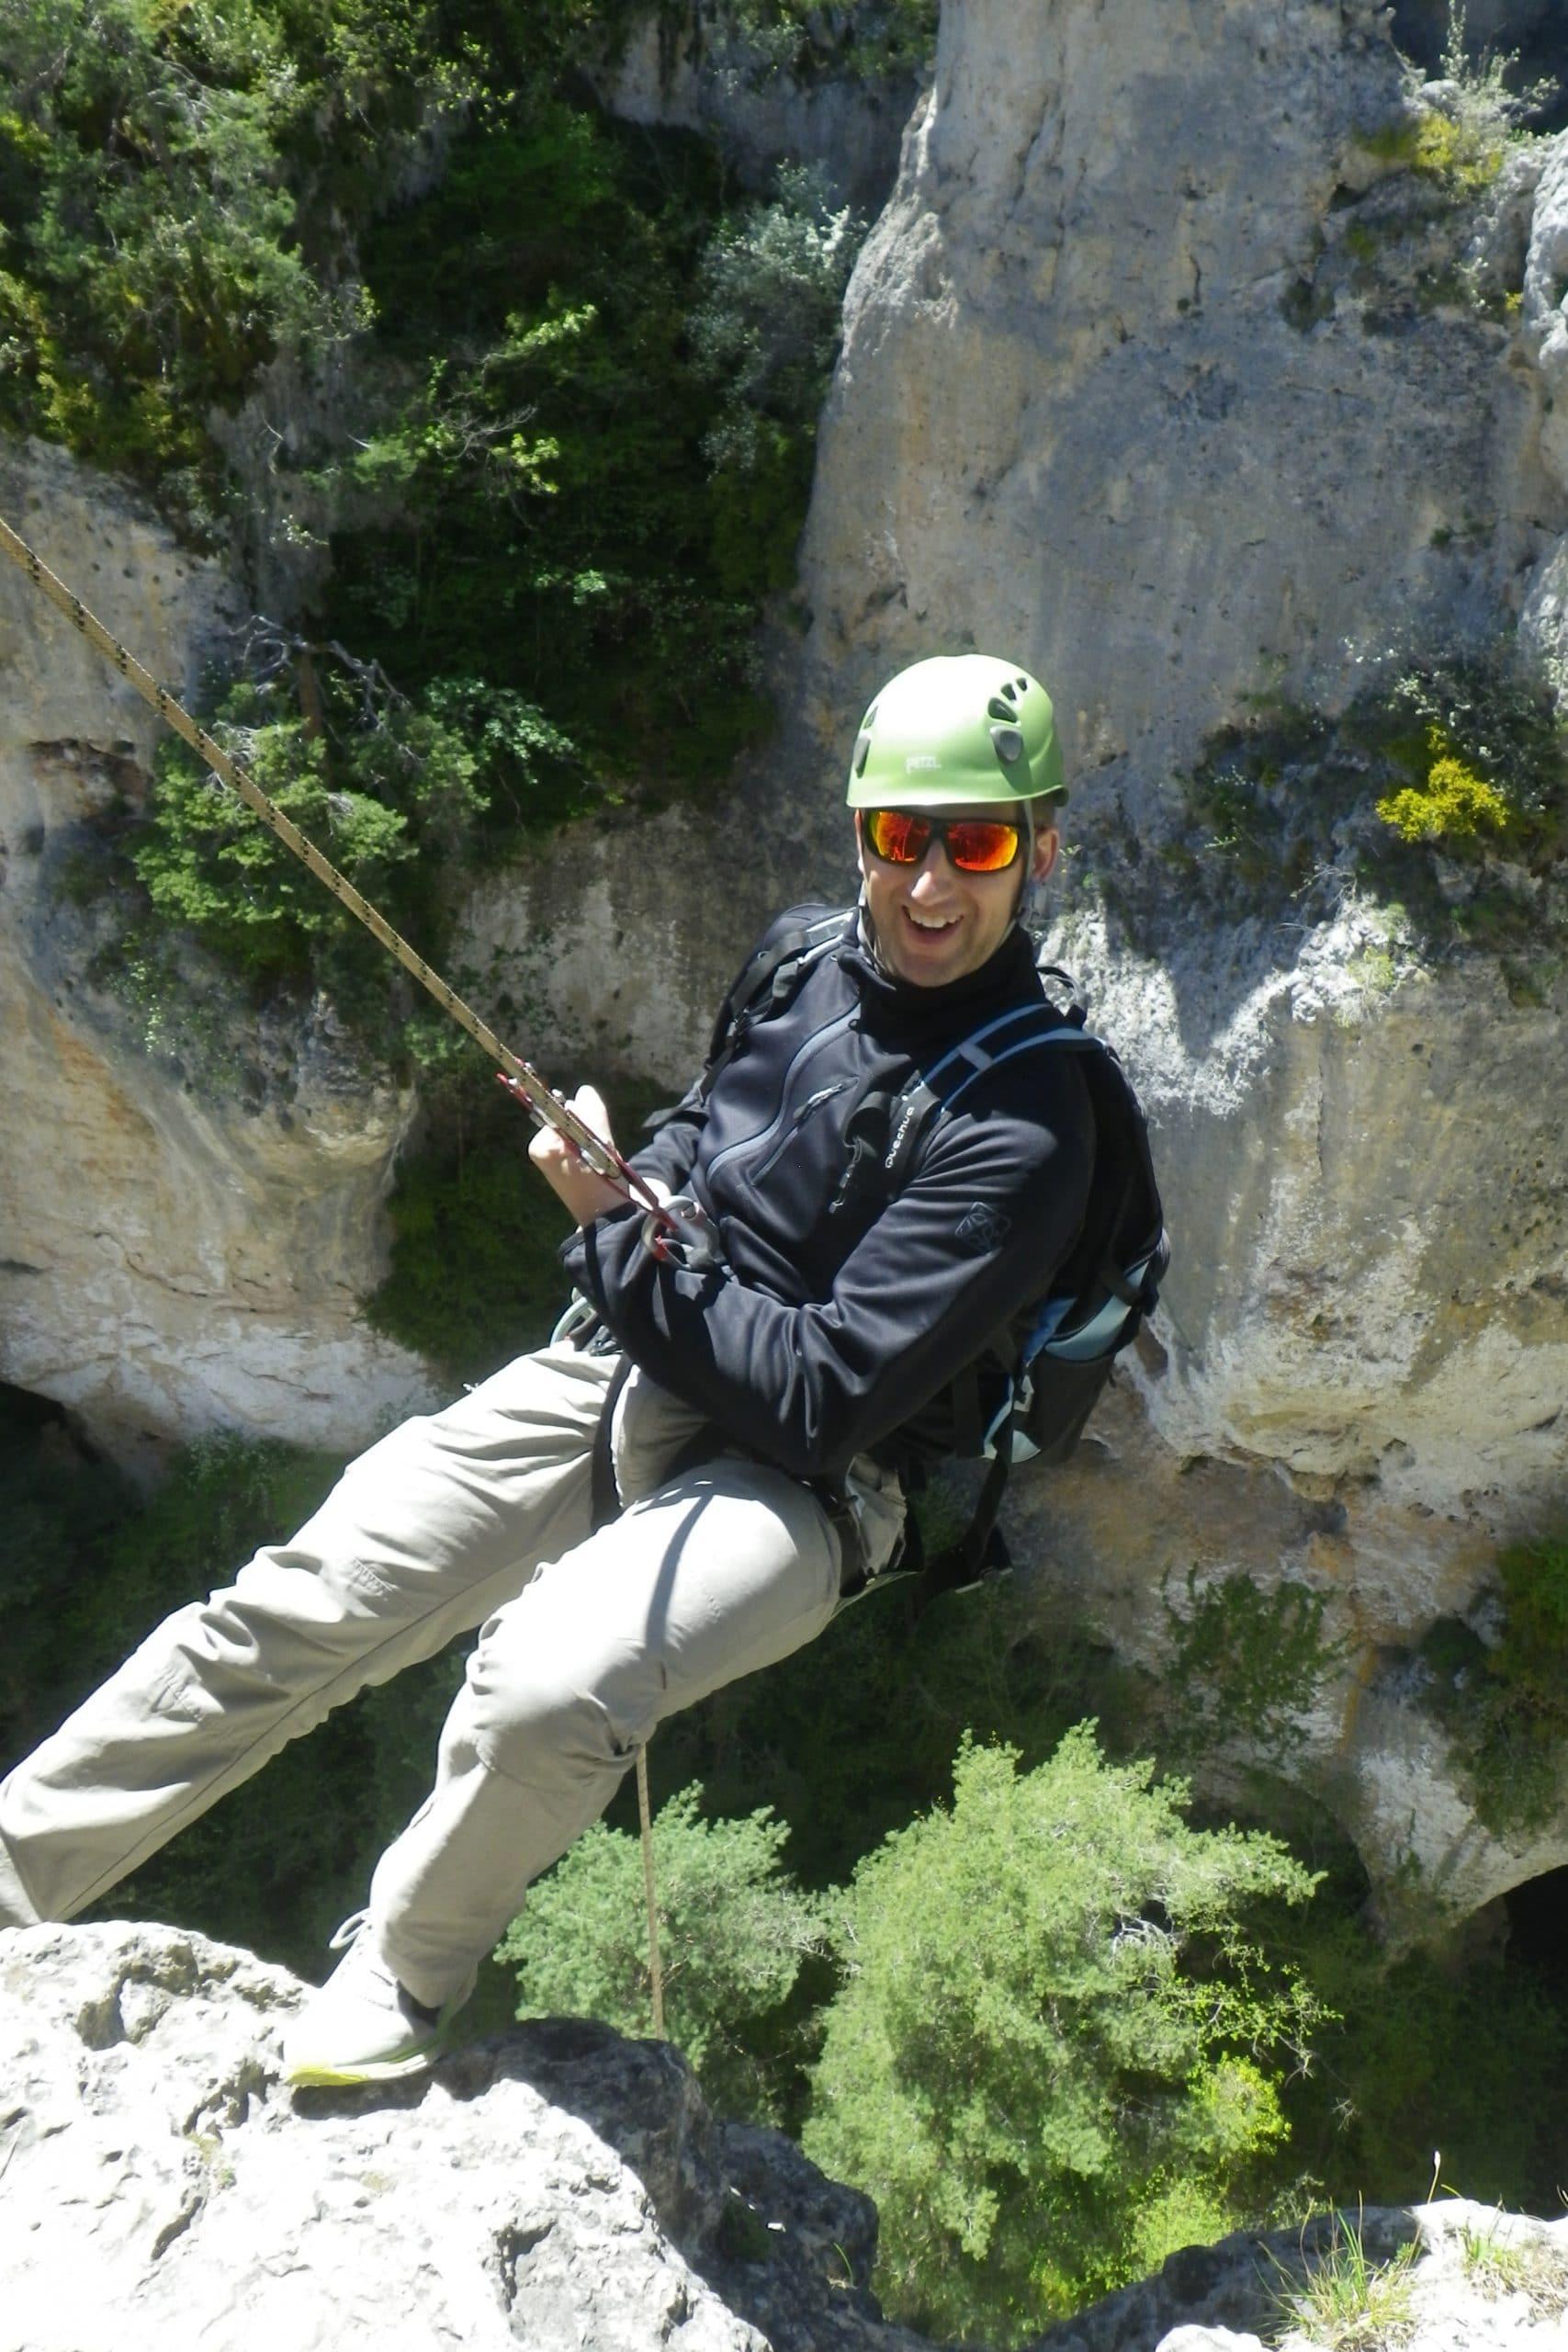 Homme descente en rappel Gorges du Tarn Lozère France